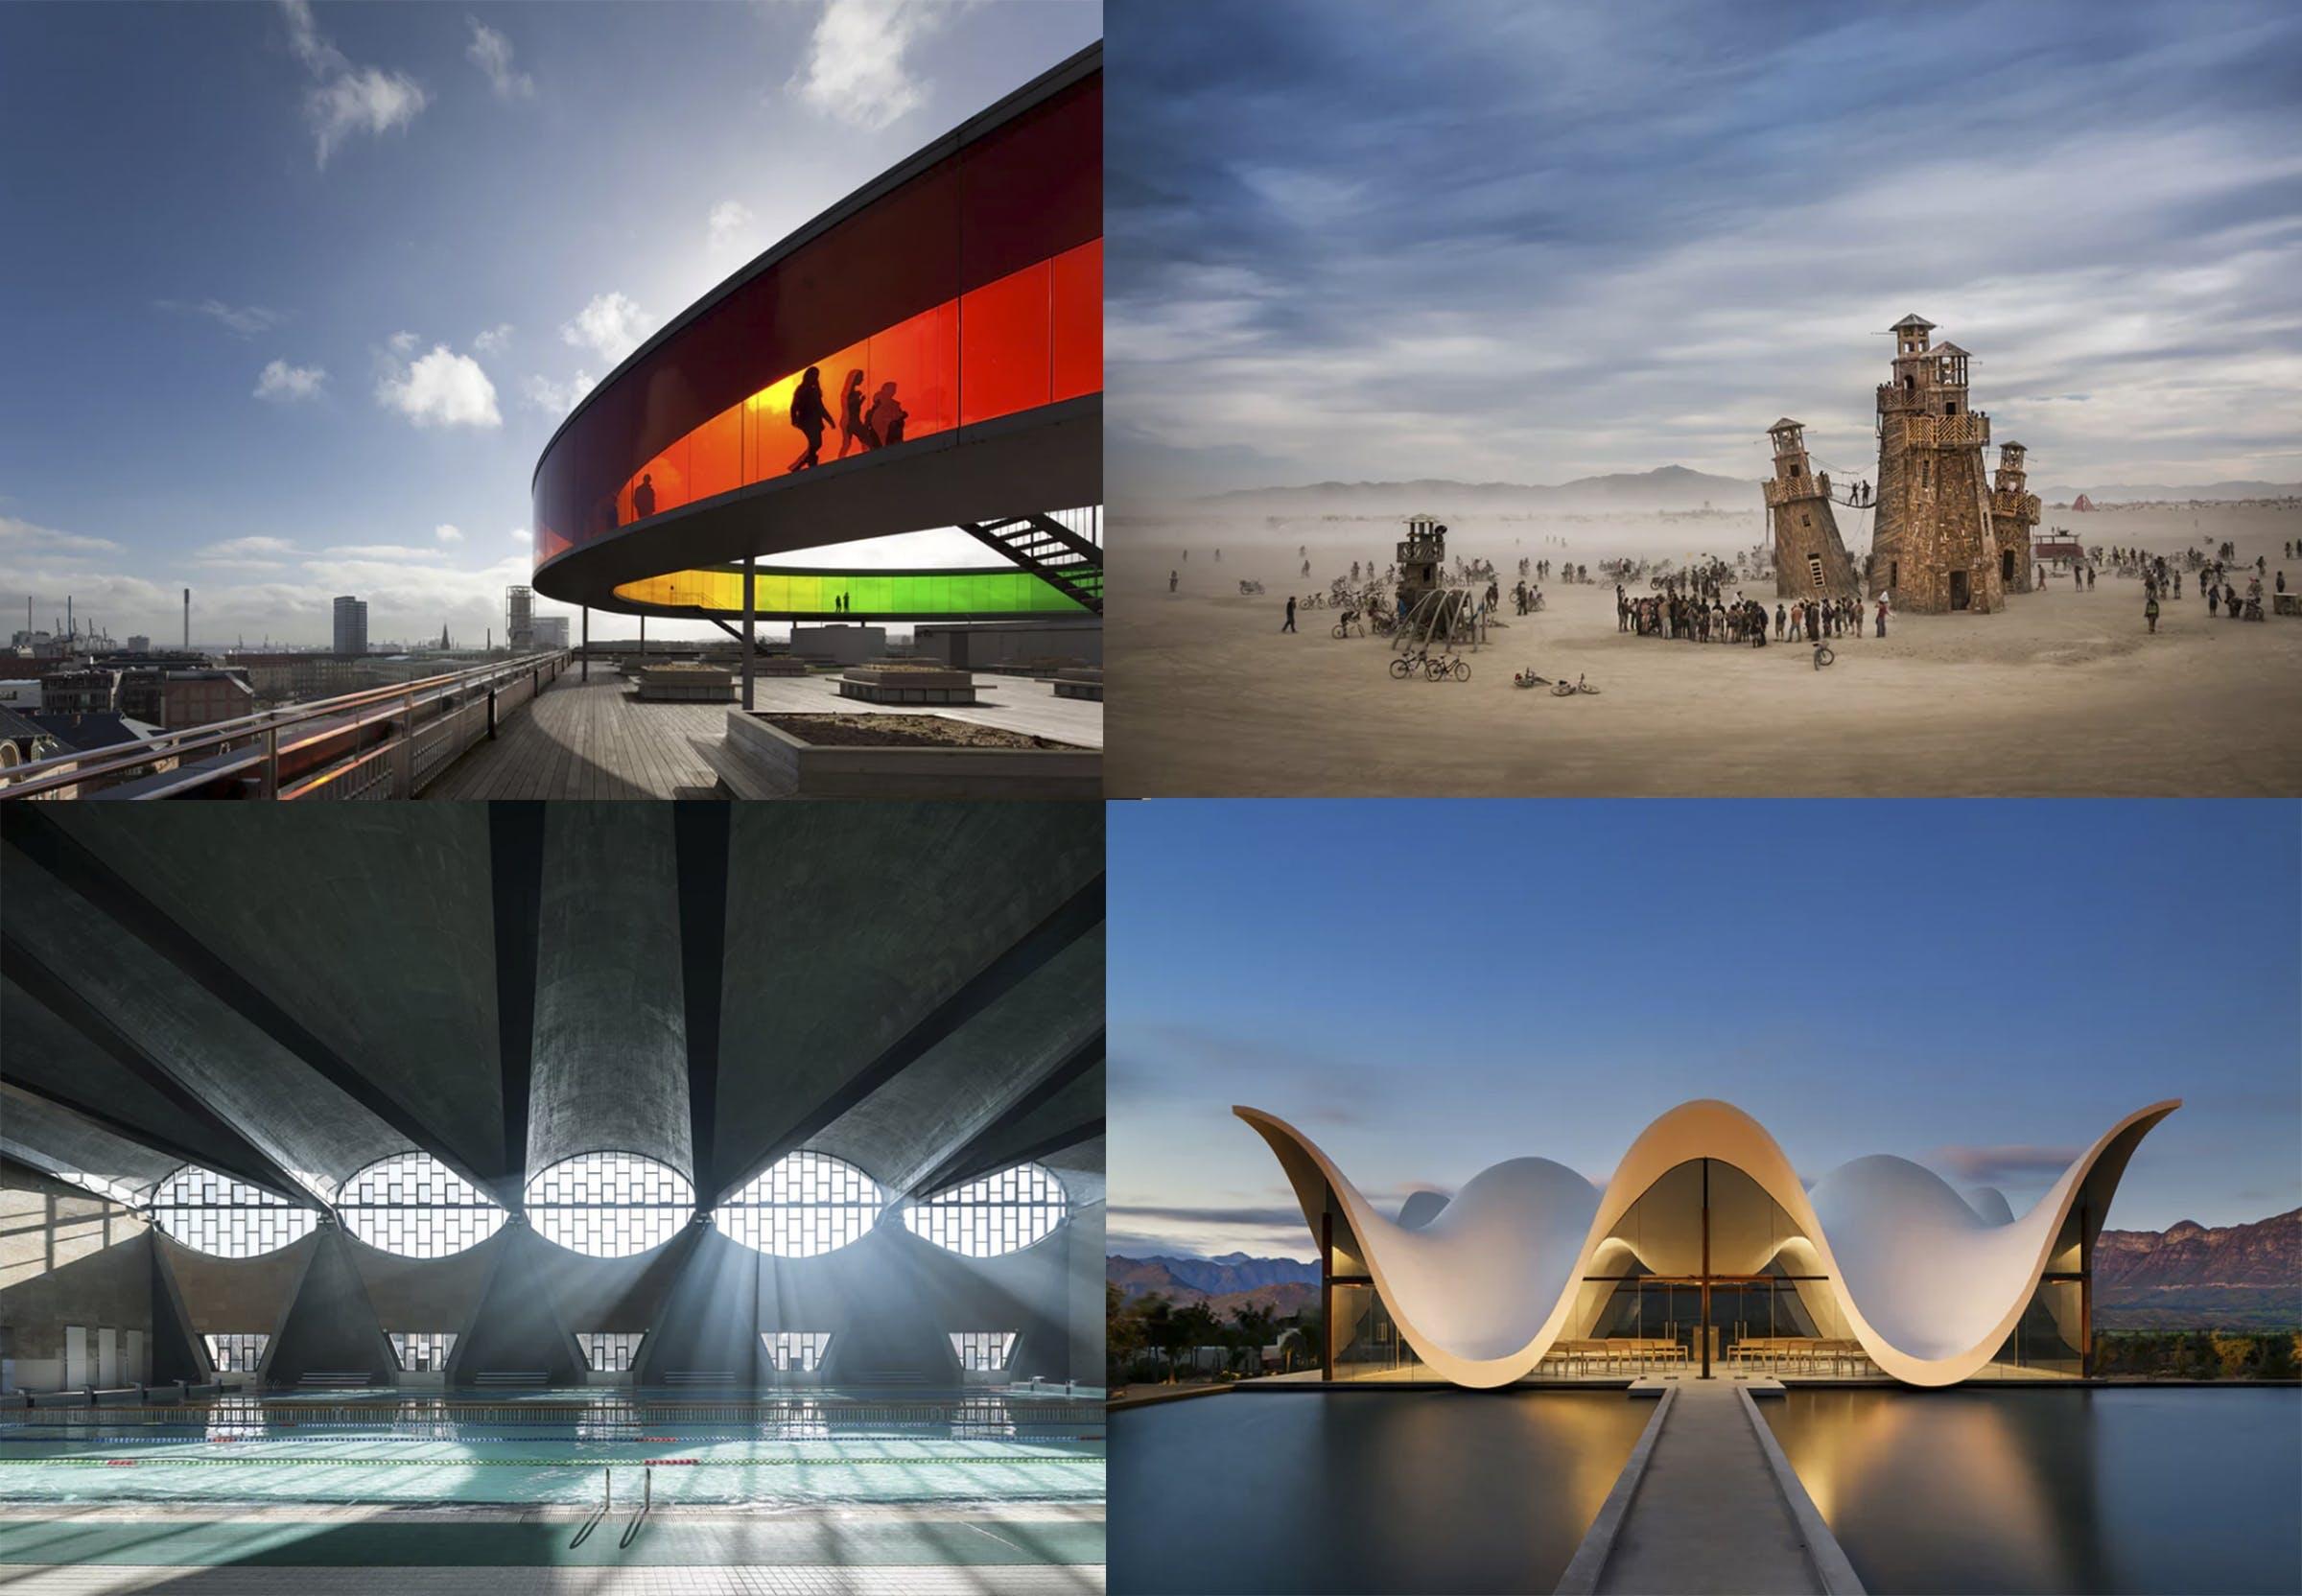 årets bedste billede af arkitektur